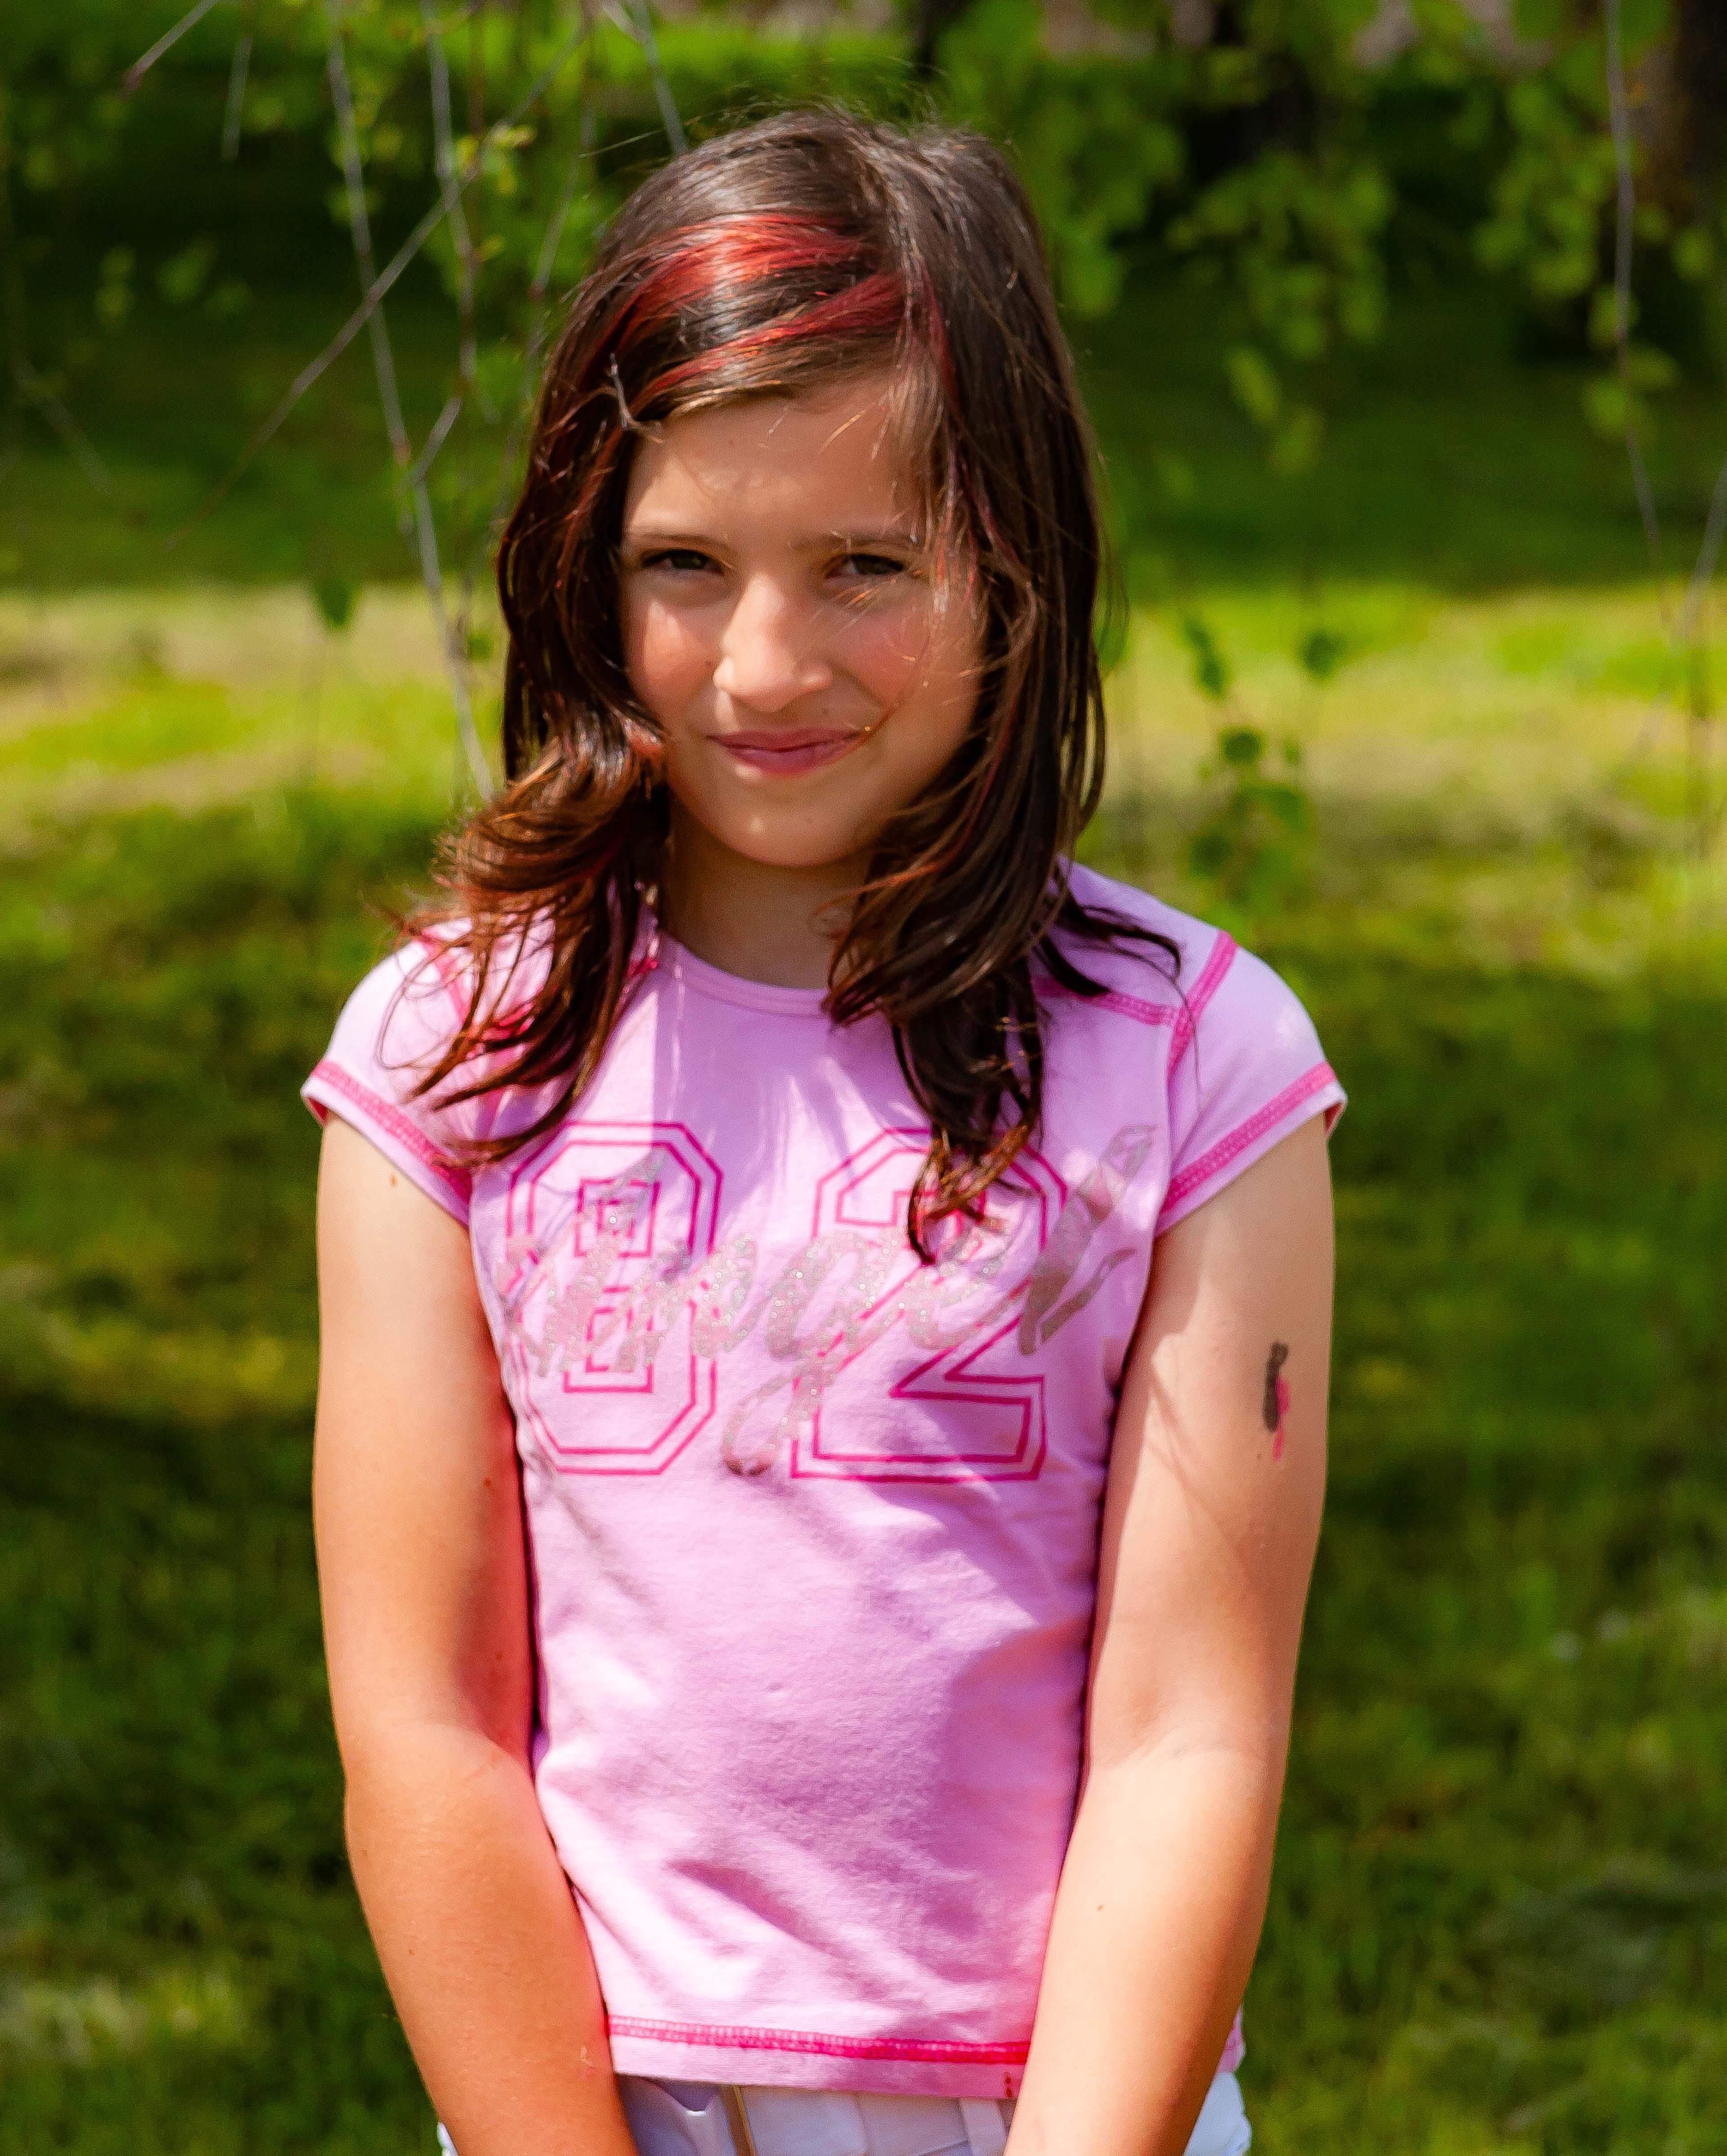 Slovenia, Dobrepolje Prov, Girl, 2006, IMG 7246